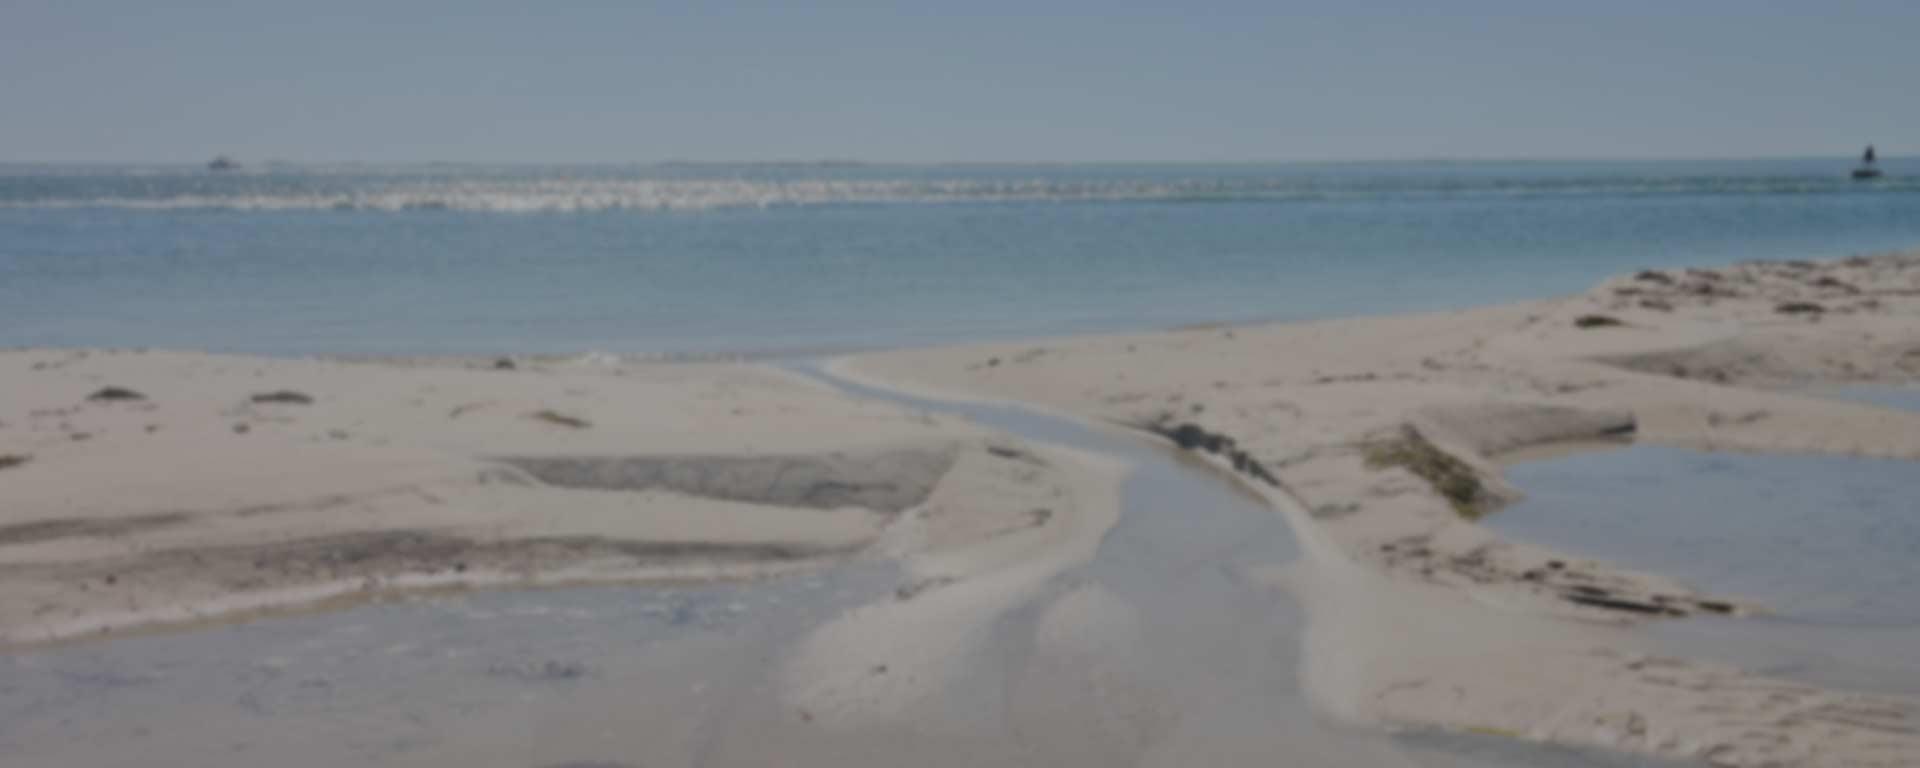 Barnstable Harbor beach and sand